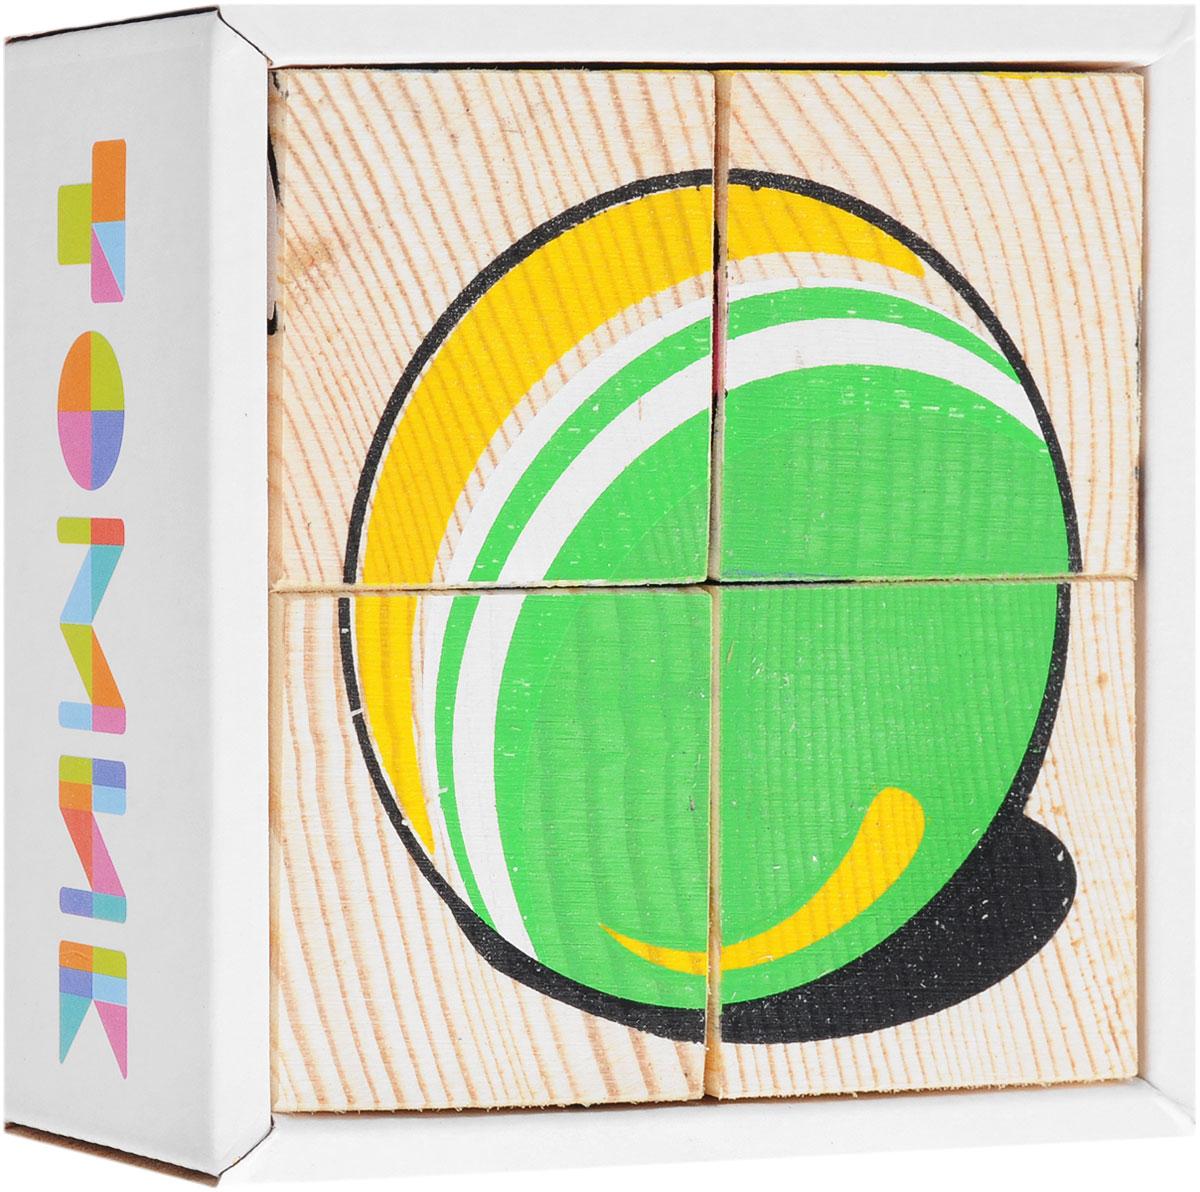 Томик Кубики Игрушки развивающие деревянные игрушки кубики животные